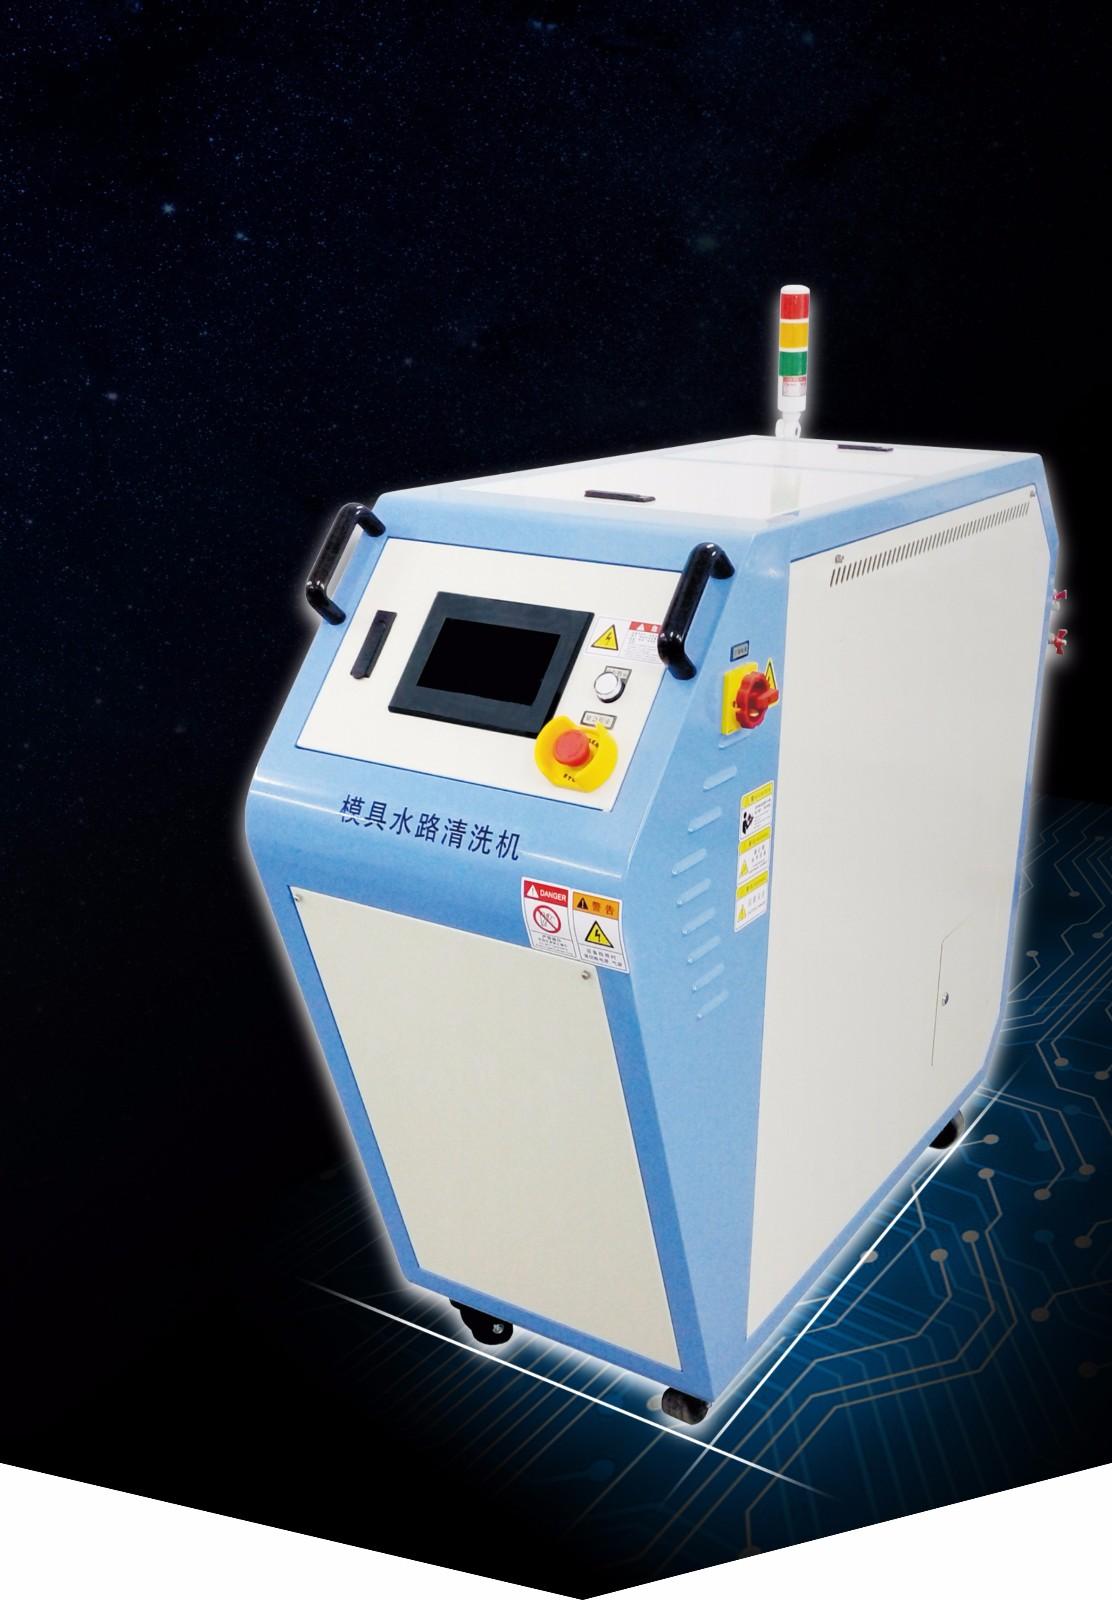 模具水路清洗-广东臭氧杀菌消毒机-广州逸在智能科技有限公司